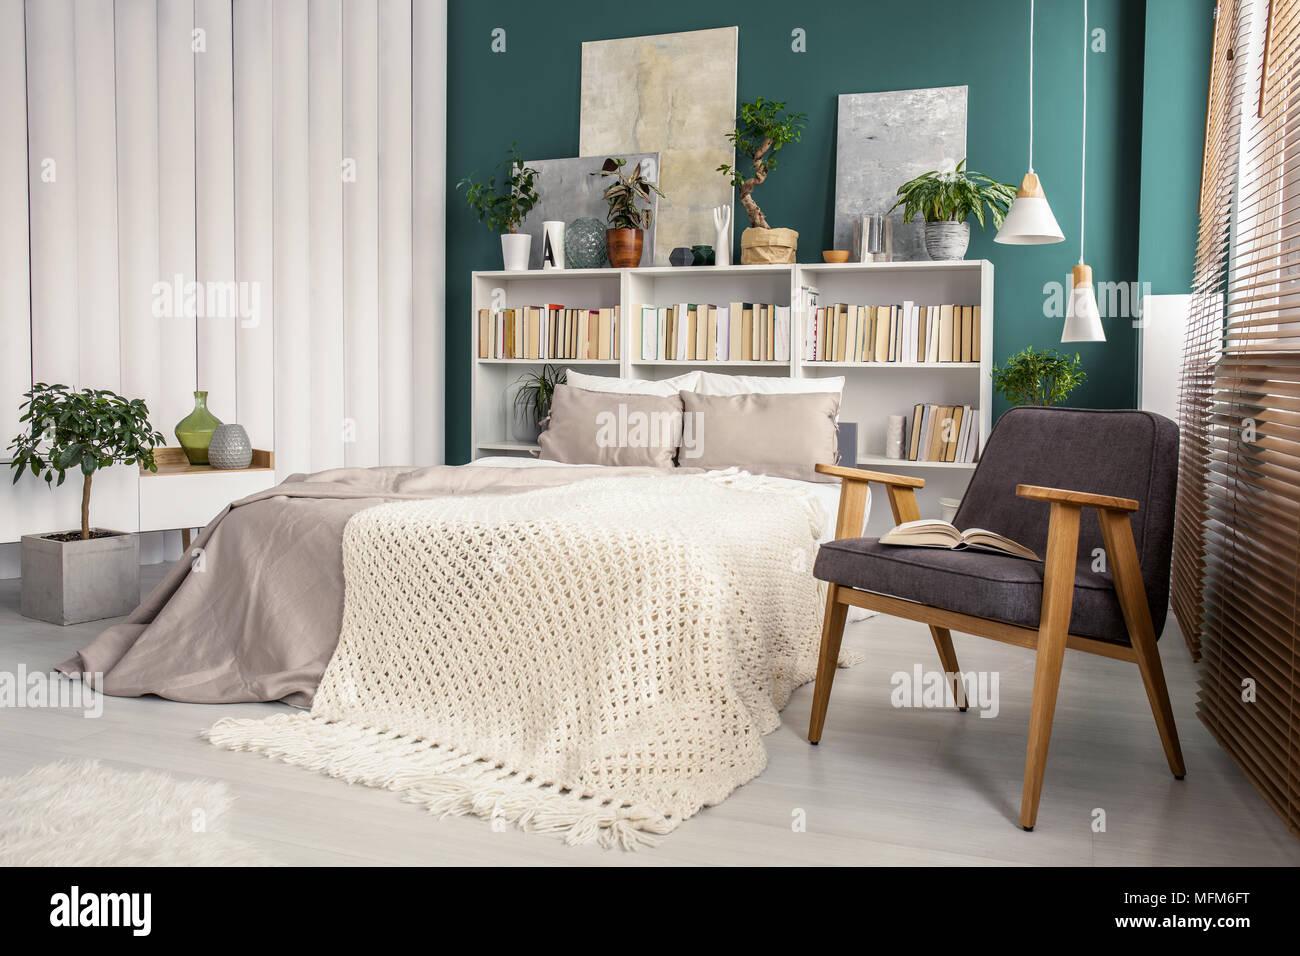 Camera Da Letto Beige : Il bianco e il verde interiore camera da letto con una coperta di